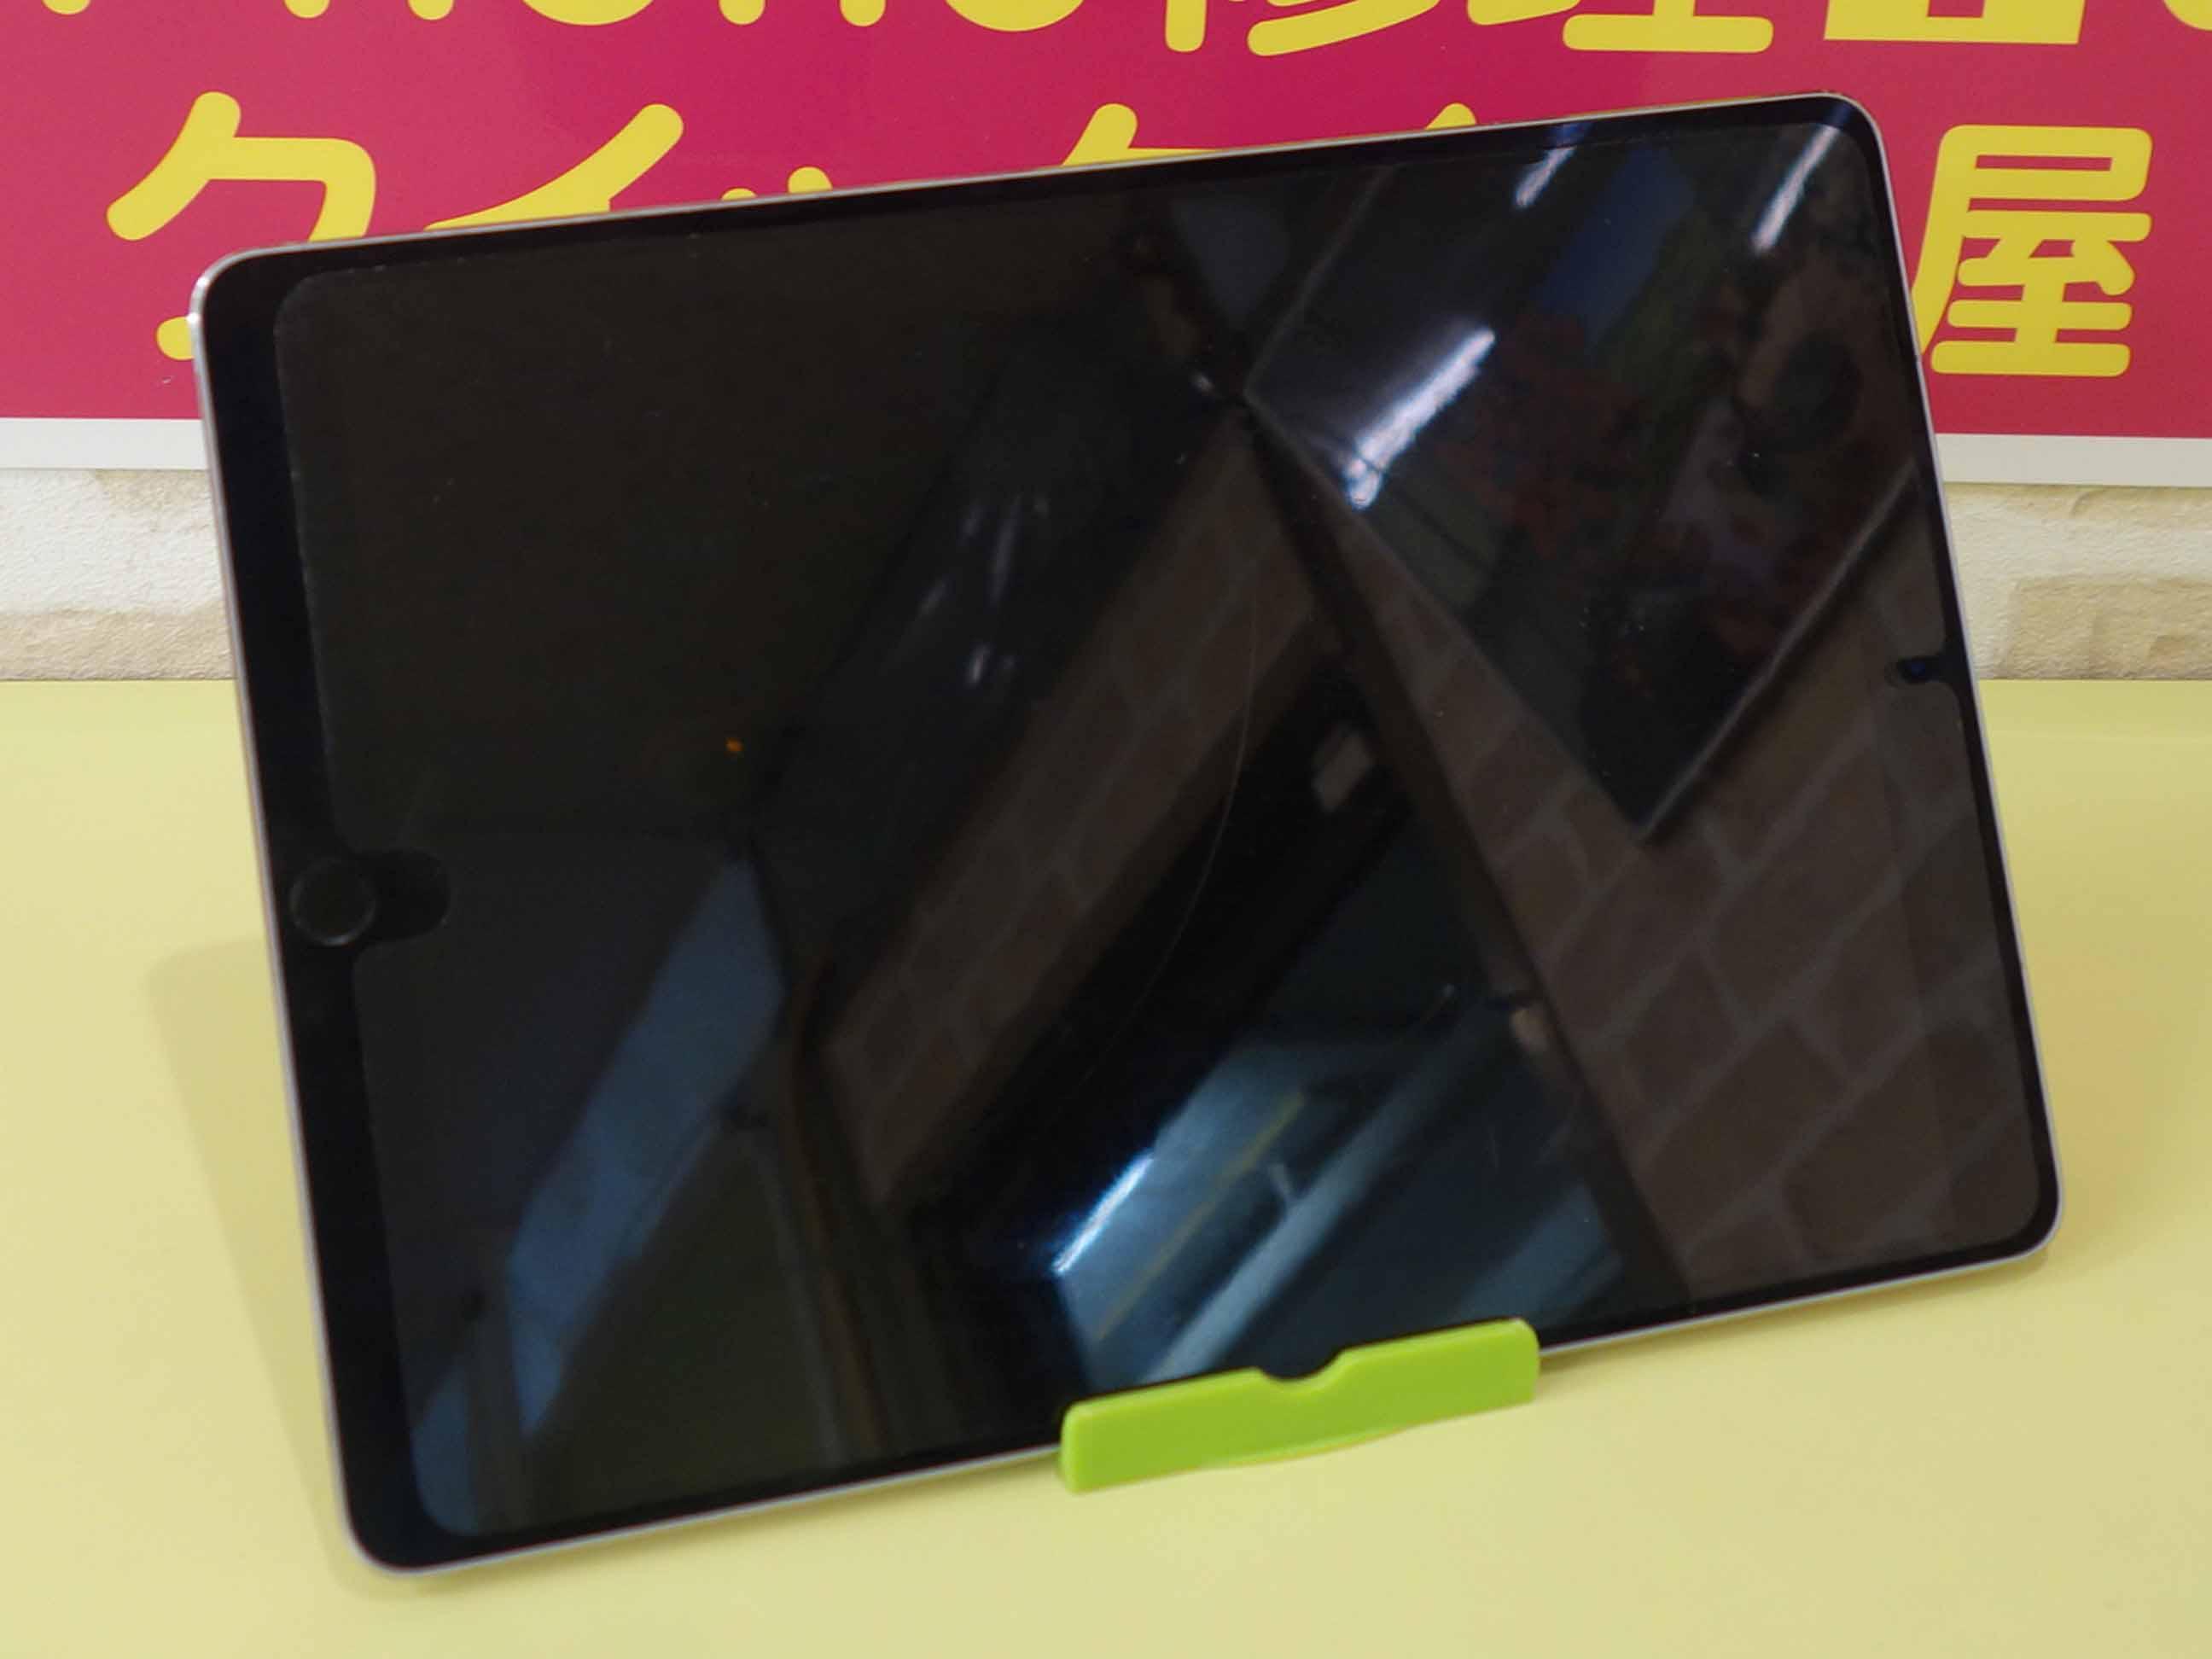 iPadPro10.5のドックコネクター交換修理に豊田市よりご来店!アイパッド修理もクイック名古屋